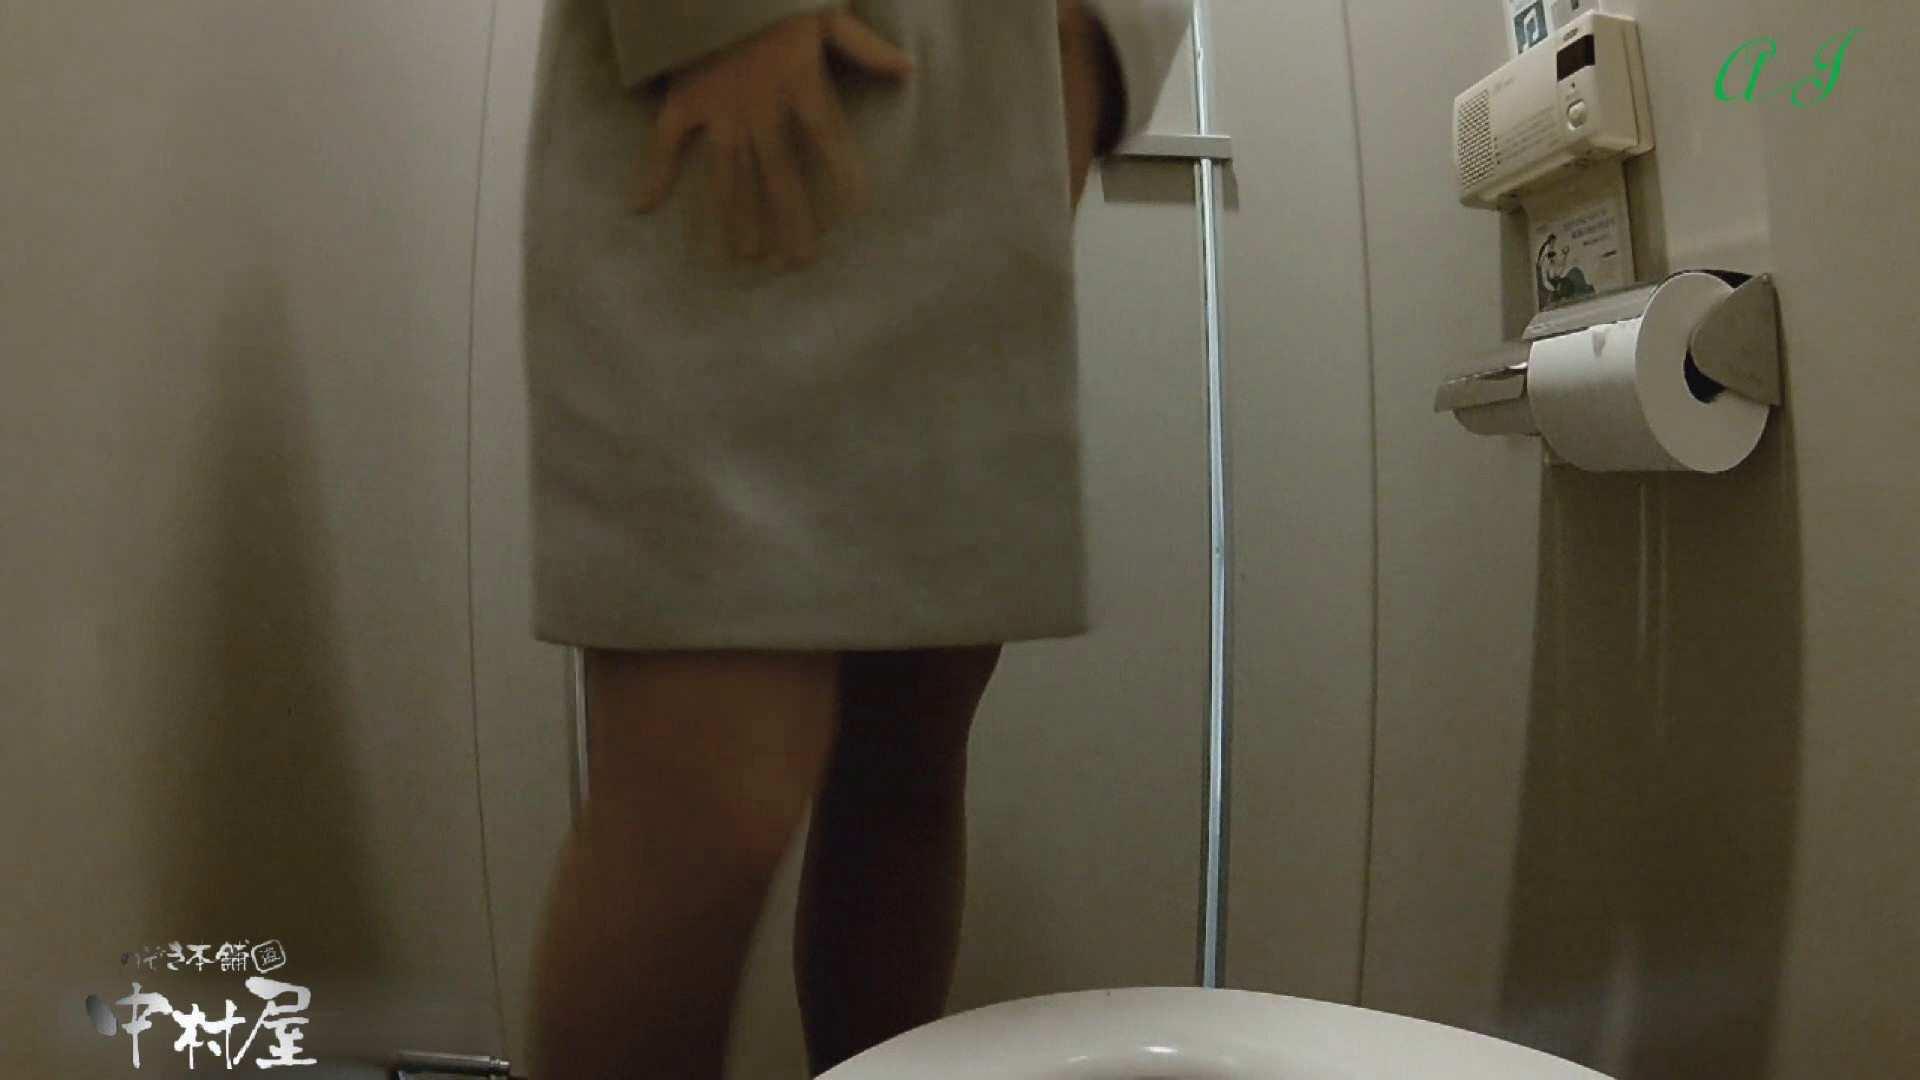 有名大学女性洗面所 vol.84後編 OLセックス  91画像 20